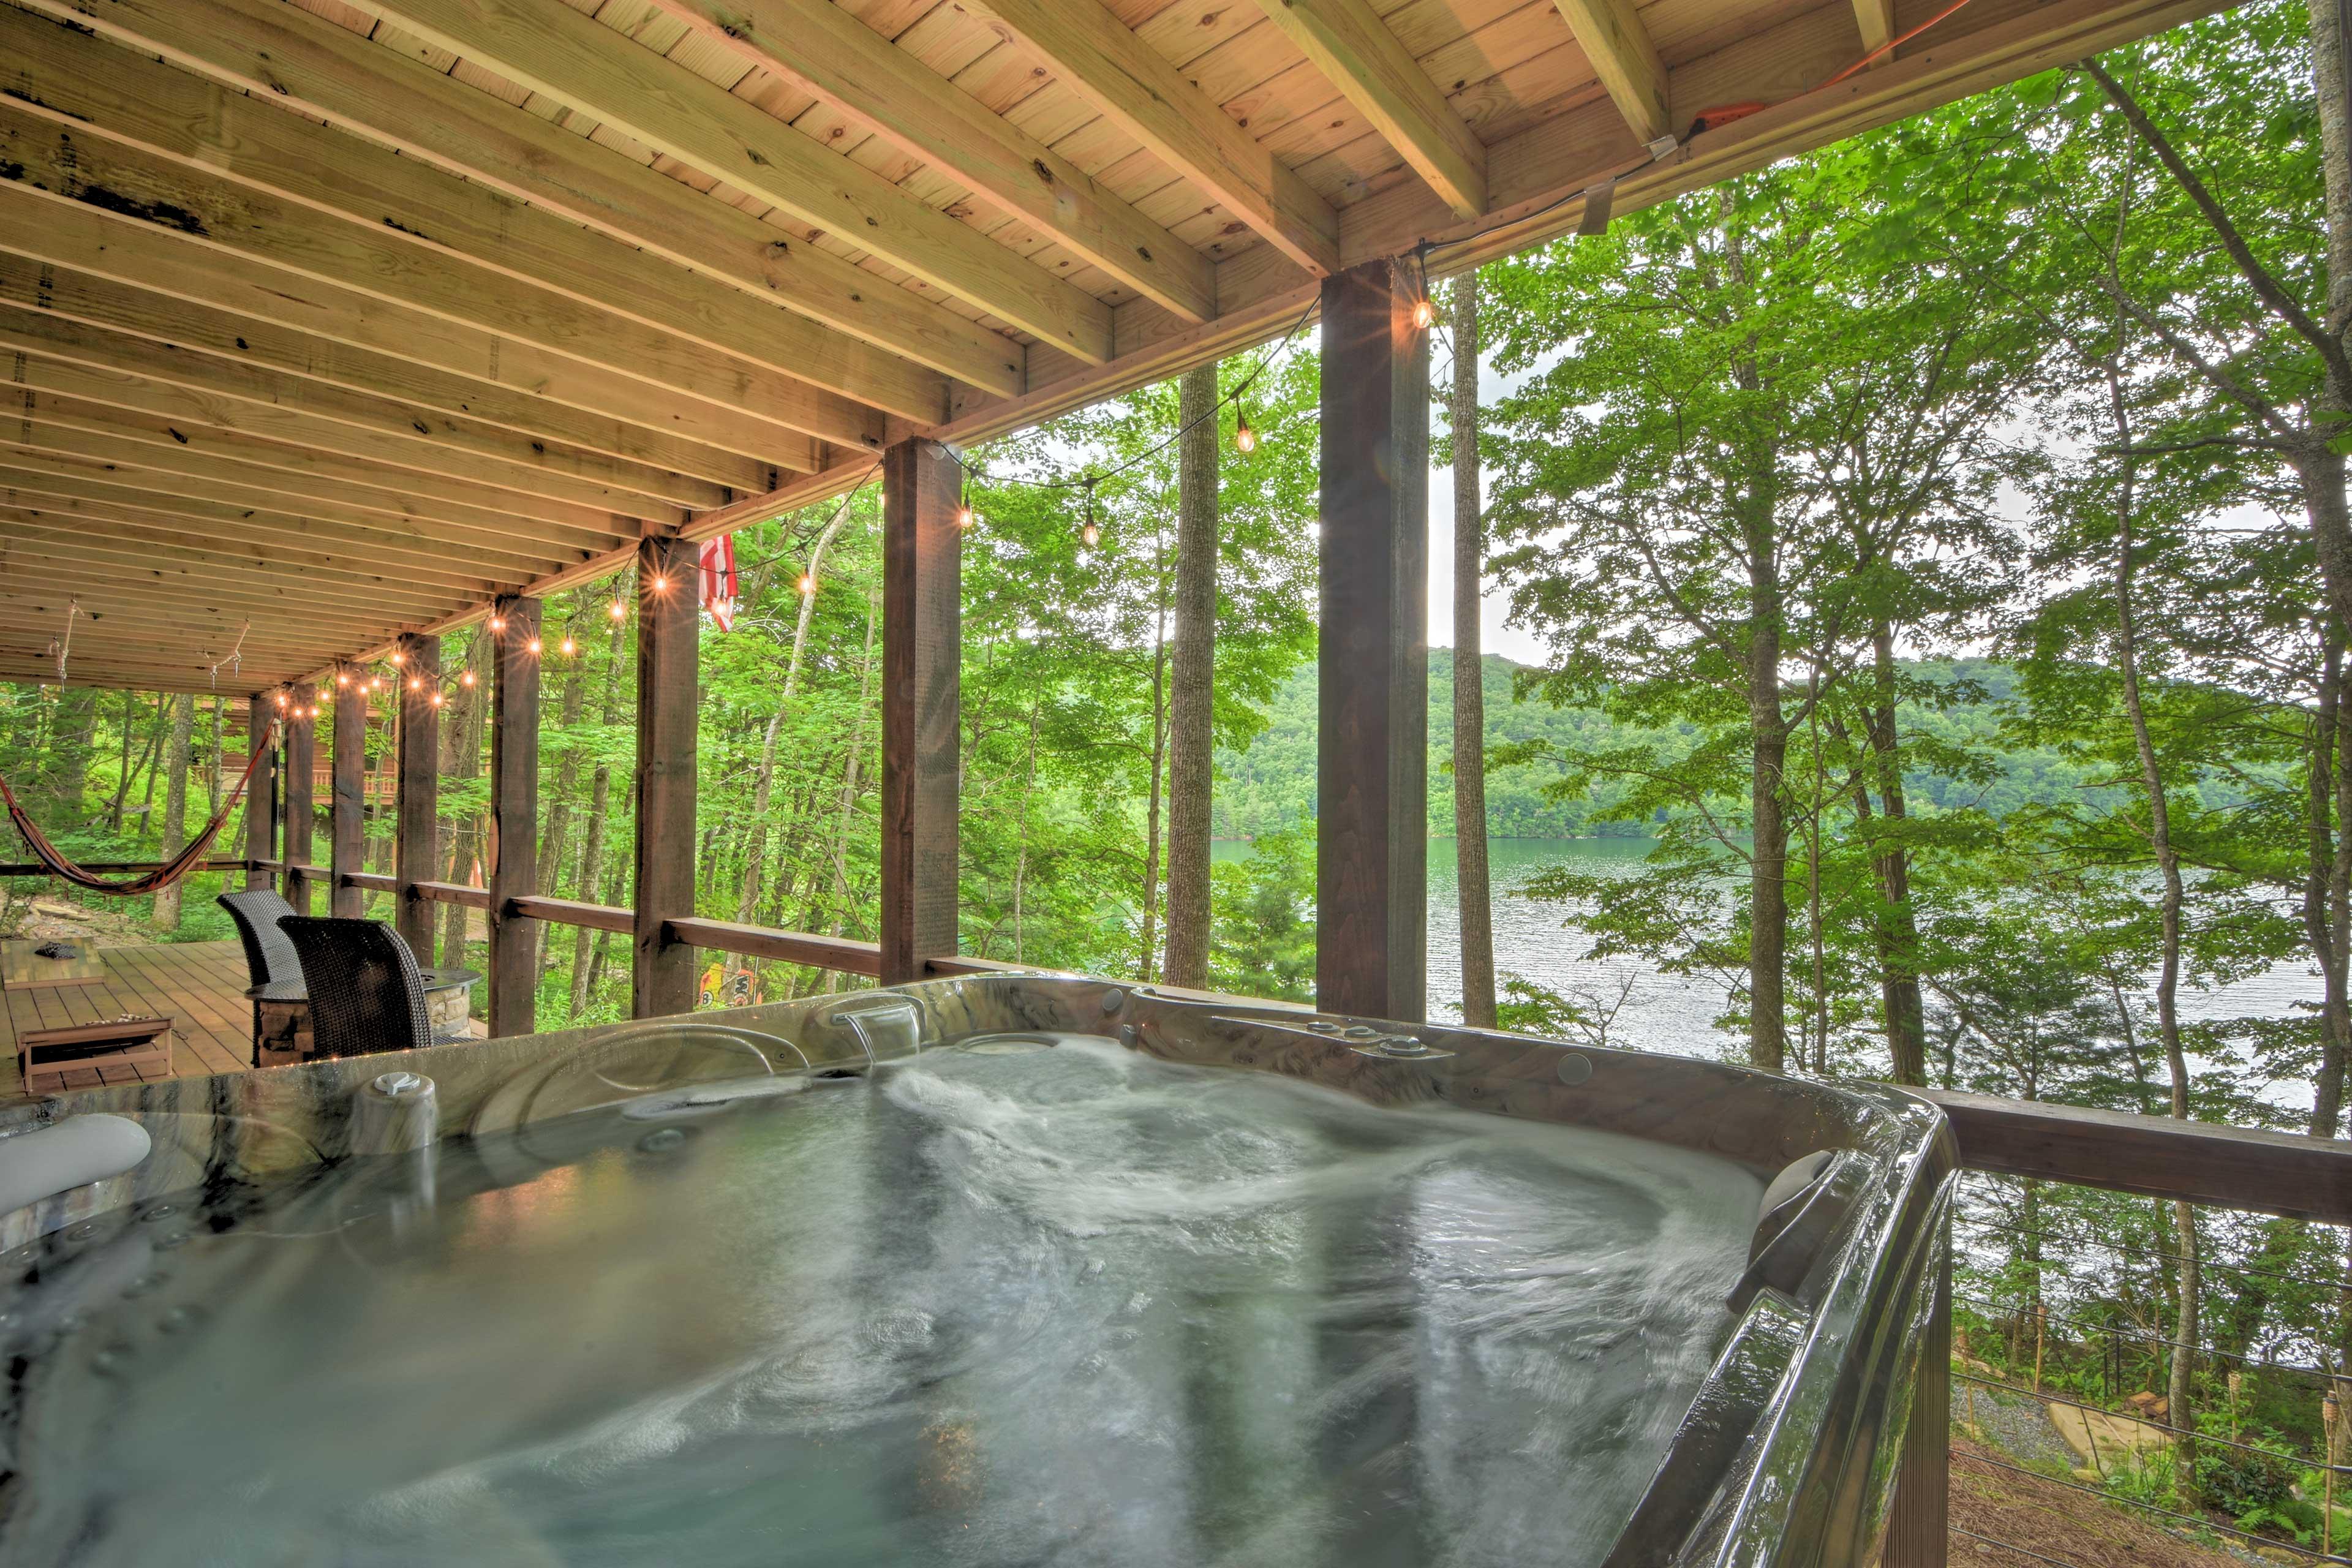 Take a soak in the private hot tub.